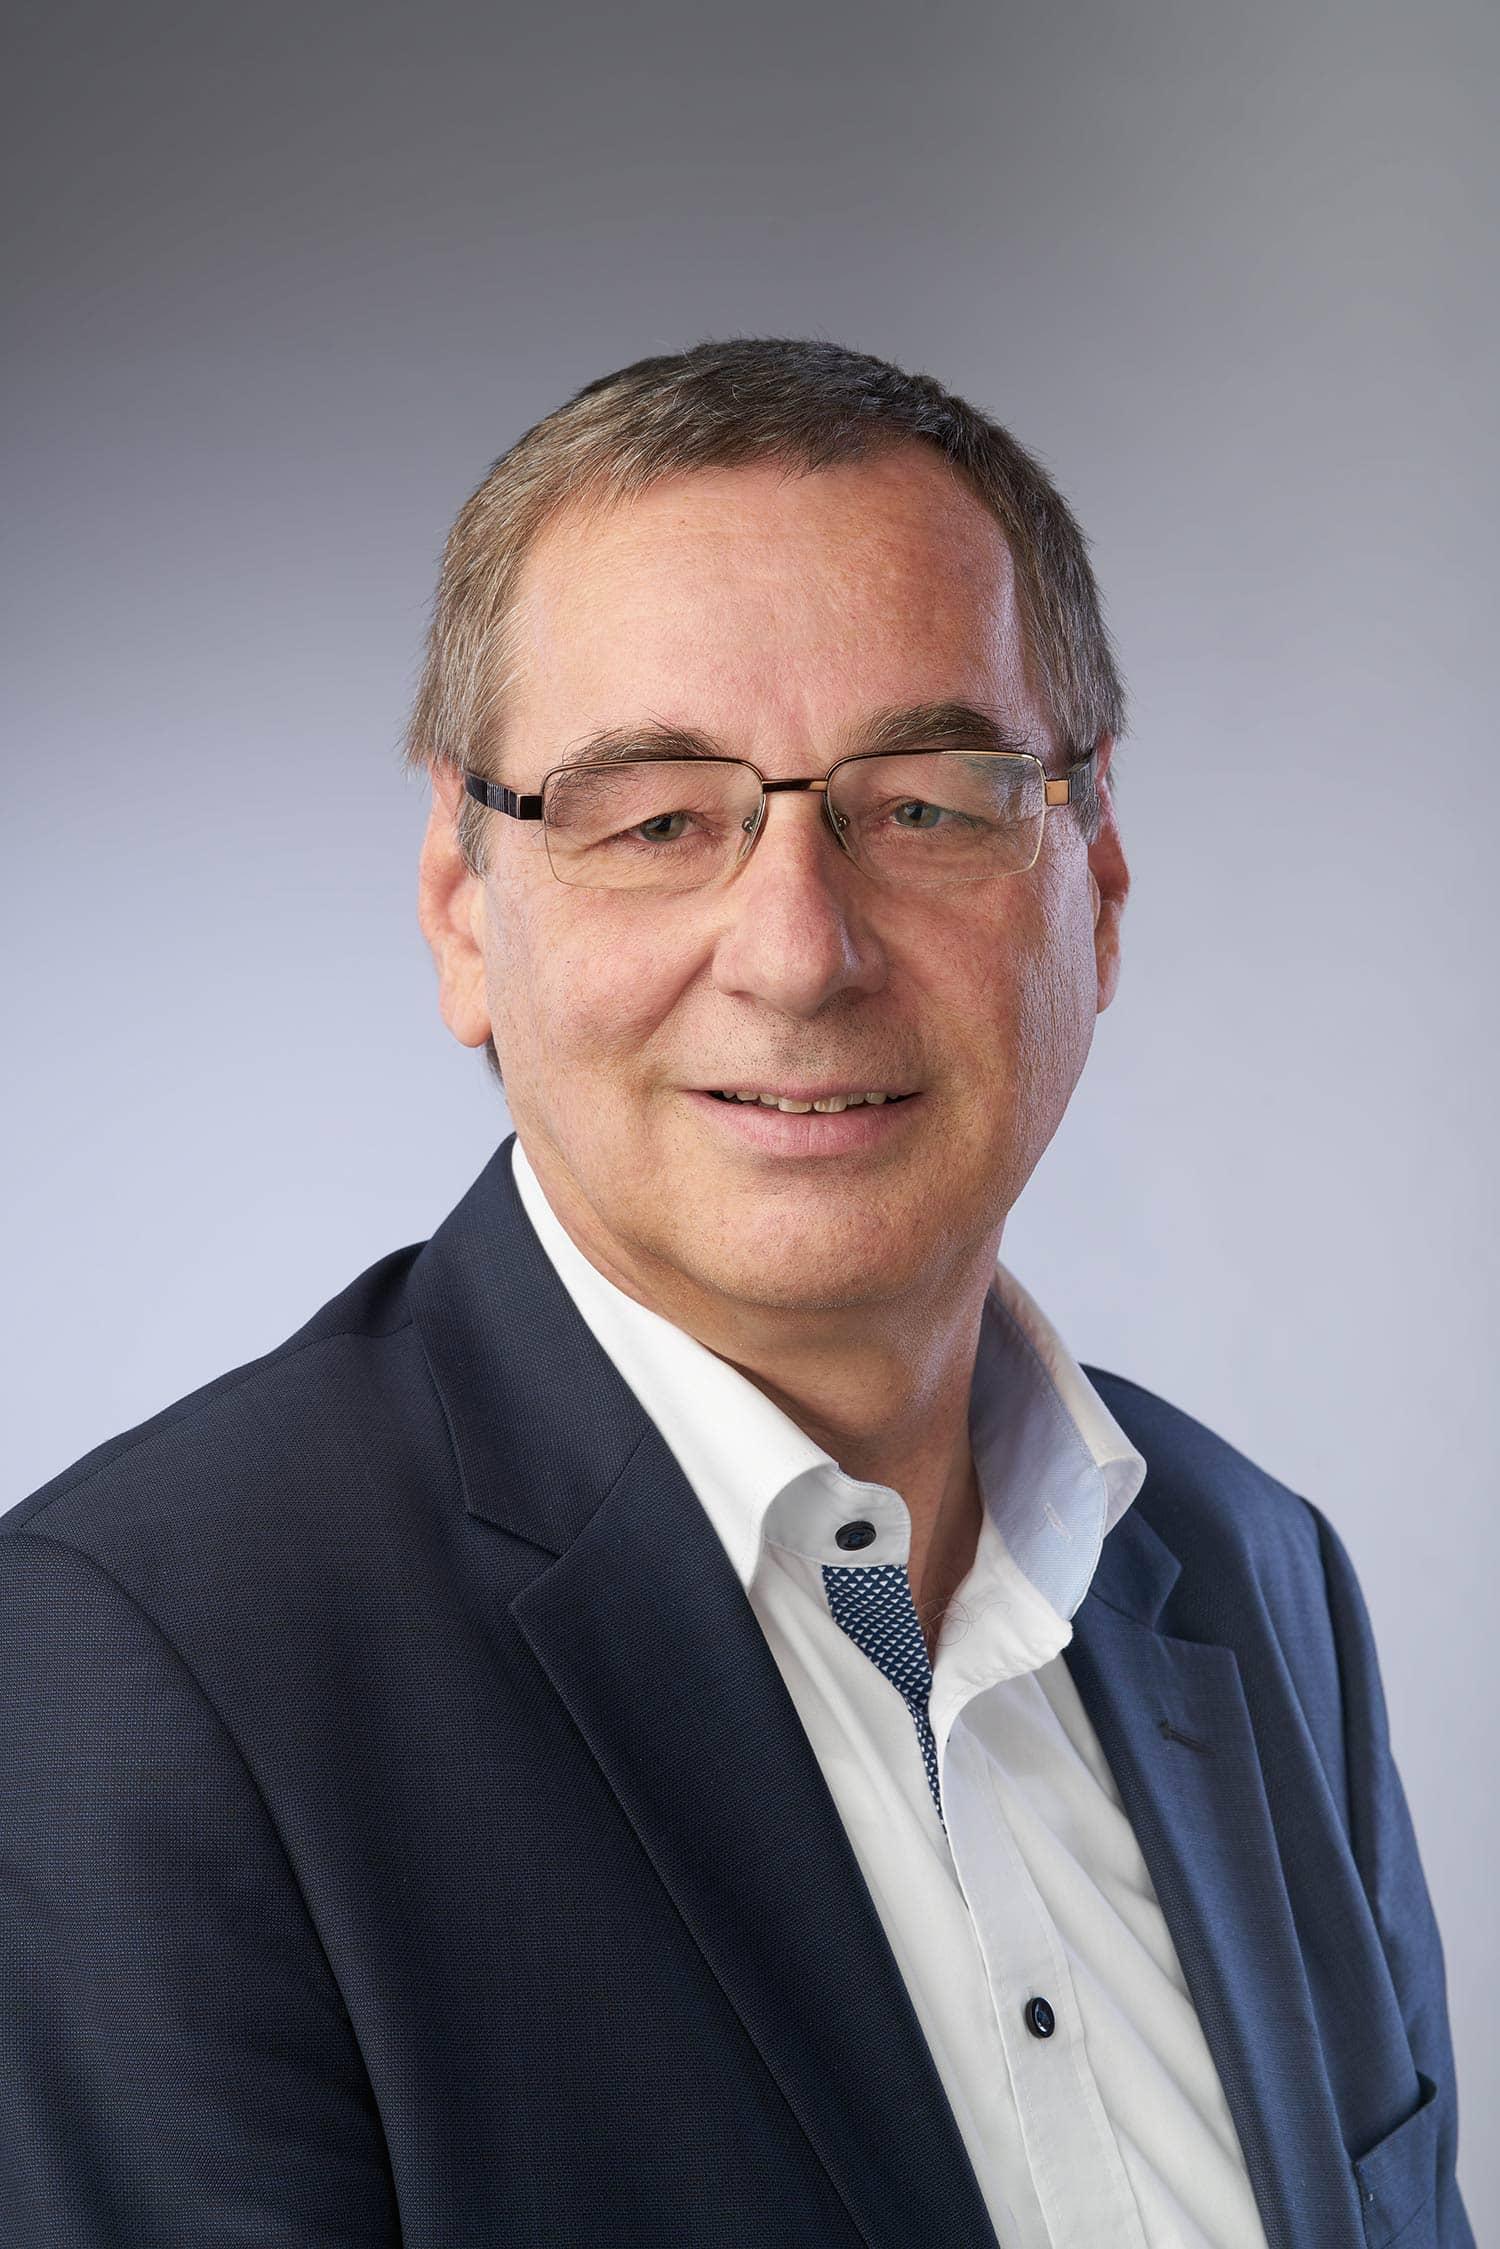 In Pielenhofen folgt Rudolf Gruber (FW) am 1. Mai Reinhold Ferstl auf den Bürgermeistersessel. Gruber, der aktuell dritter Bürgermeister ist, holte 62,76 Prozent. CSU-Kandidatin Bettina Willamowski holte 28,77 Prozent. Der Rest der Stimmen ging an den Bewerber der Grünen. Die Wahlbeteiligung lag bei 70,41 Prozent.